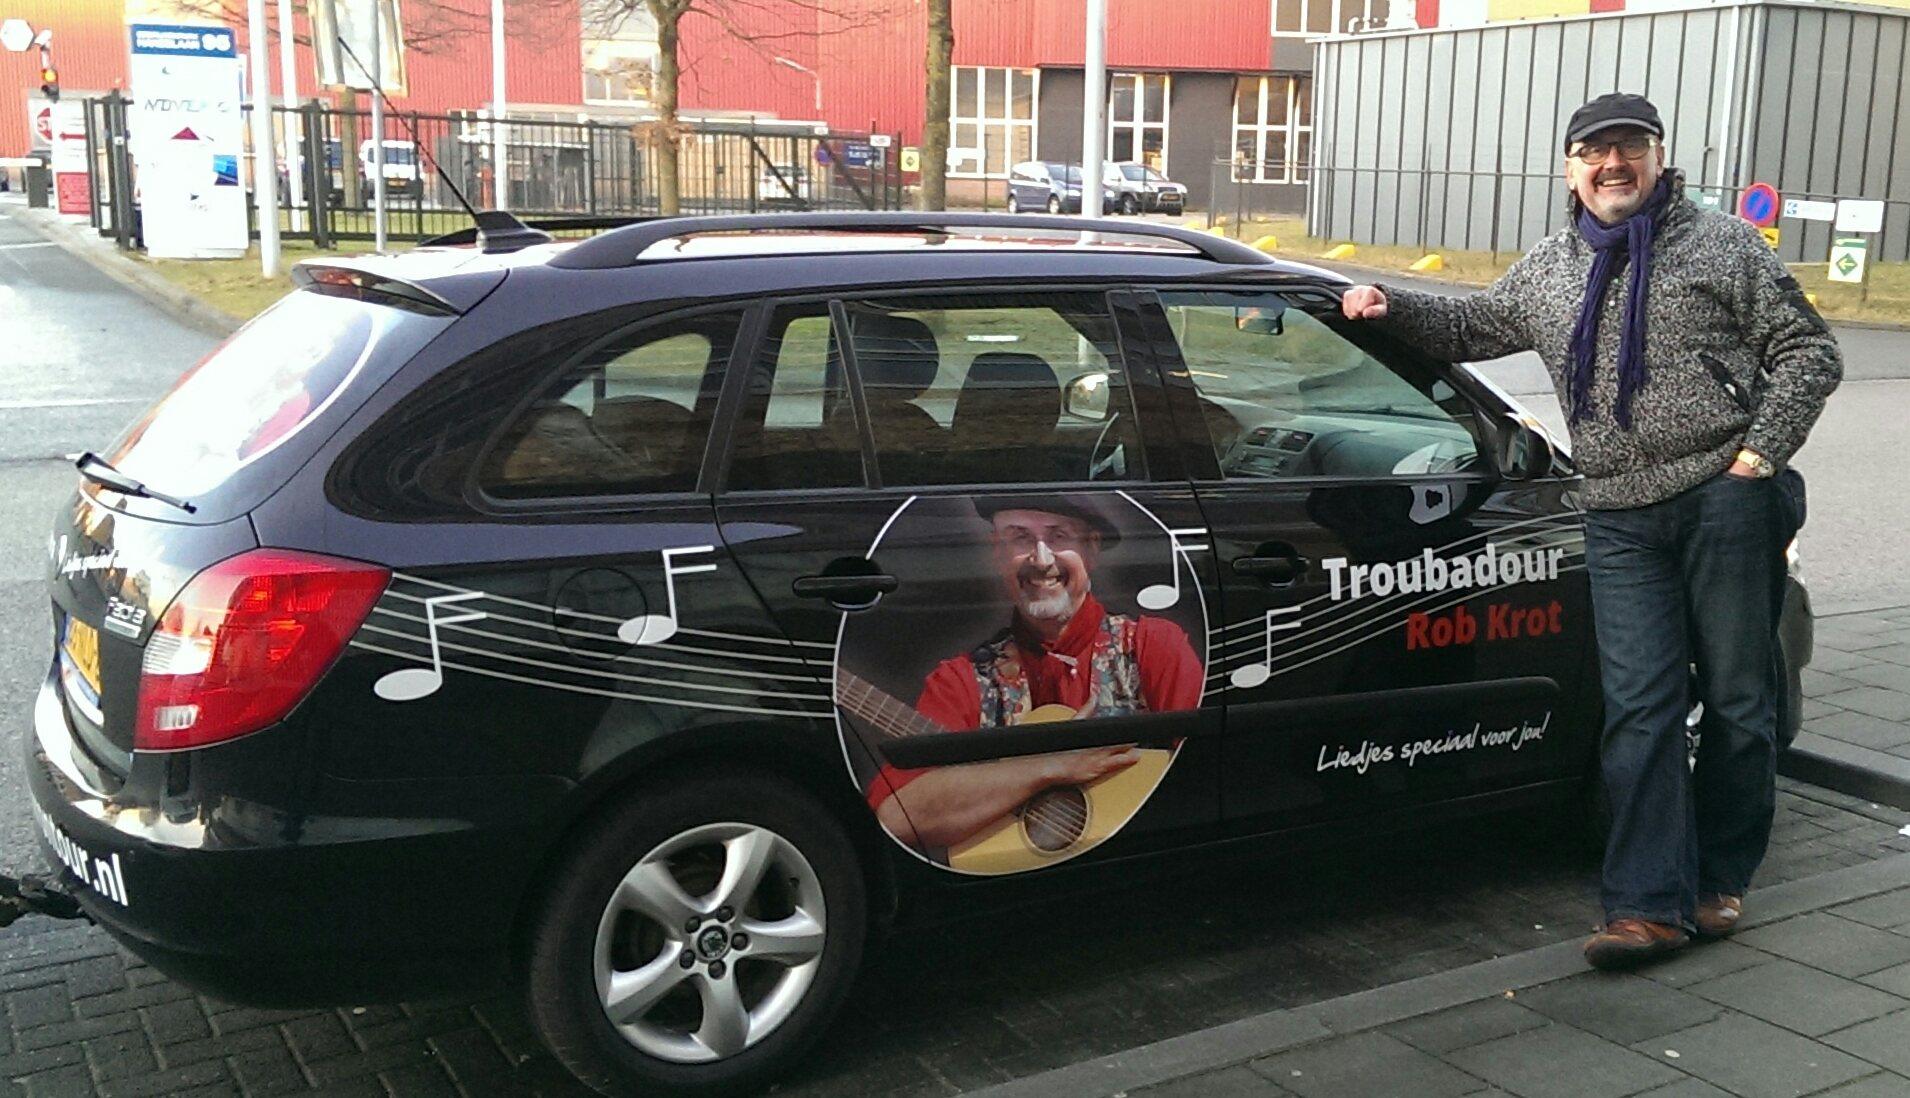 Troubadour Rob Krot On Tour Agenda!